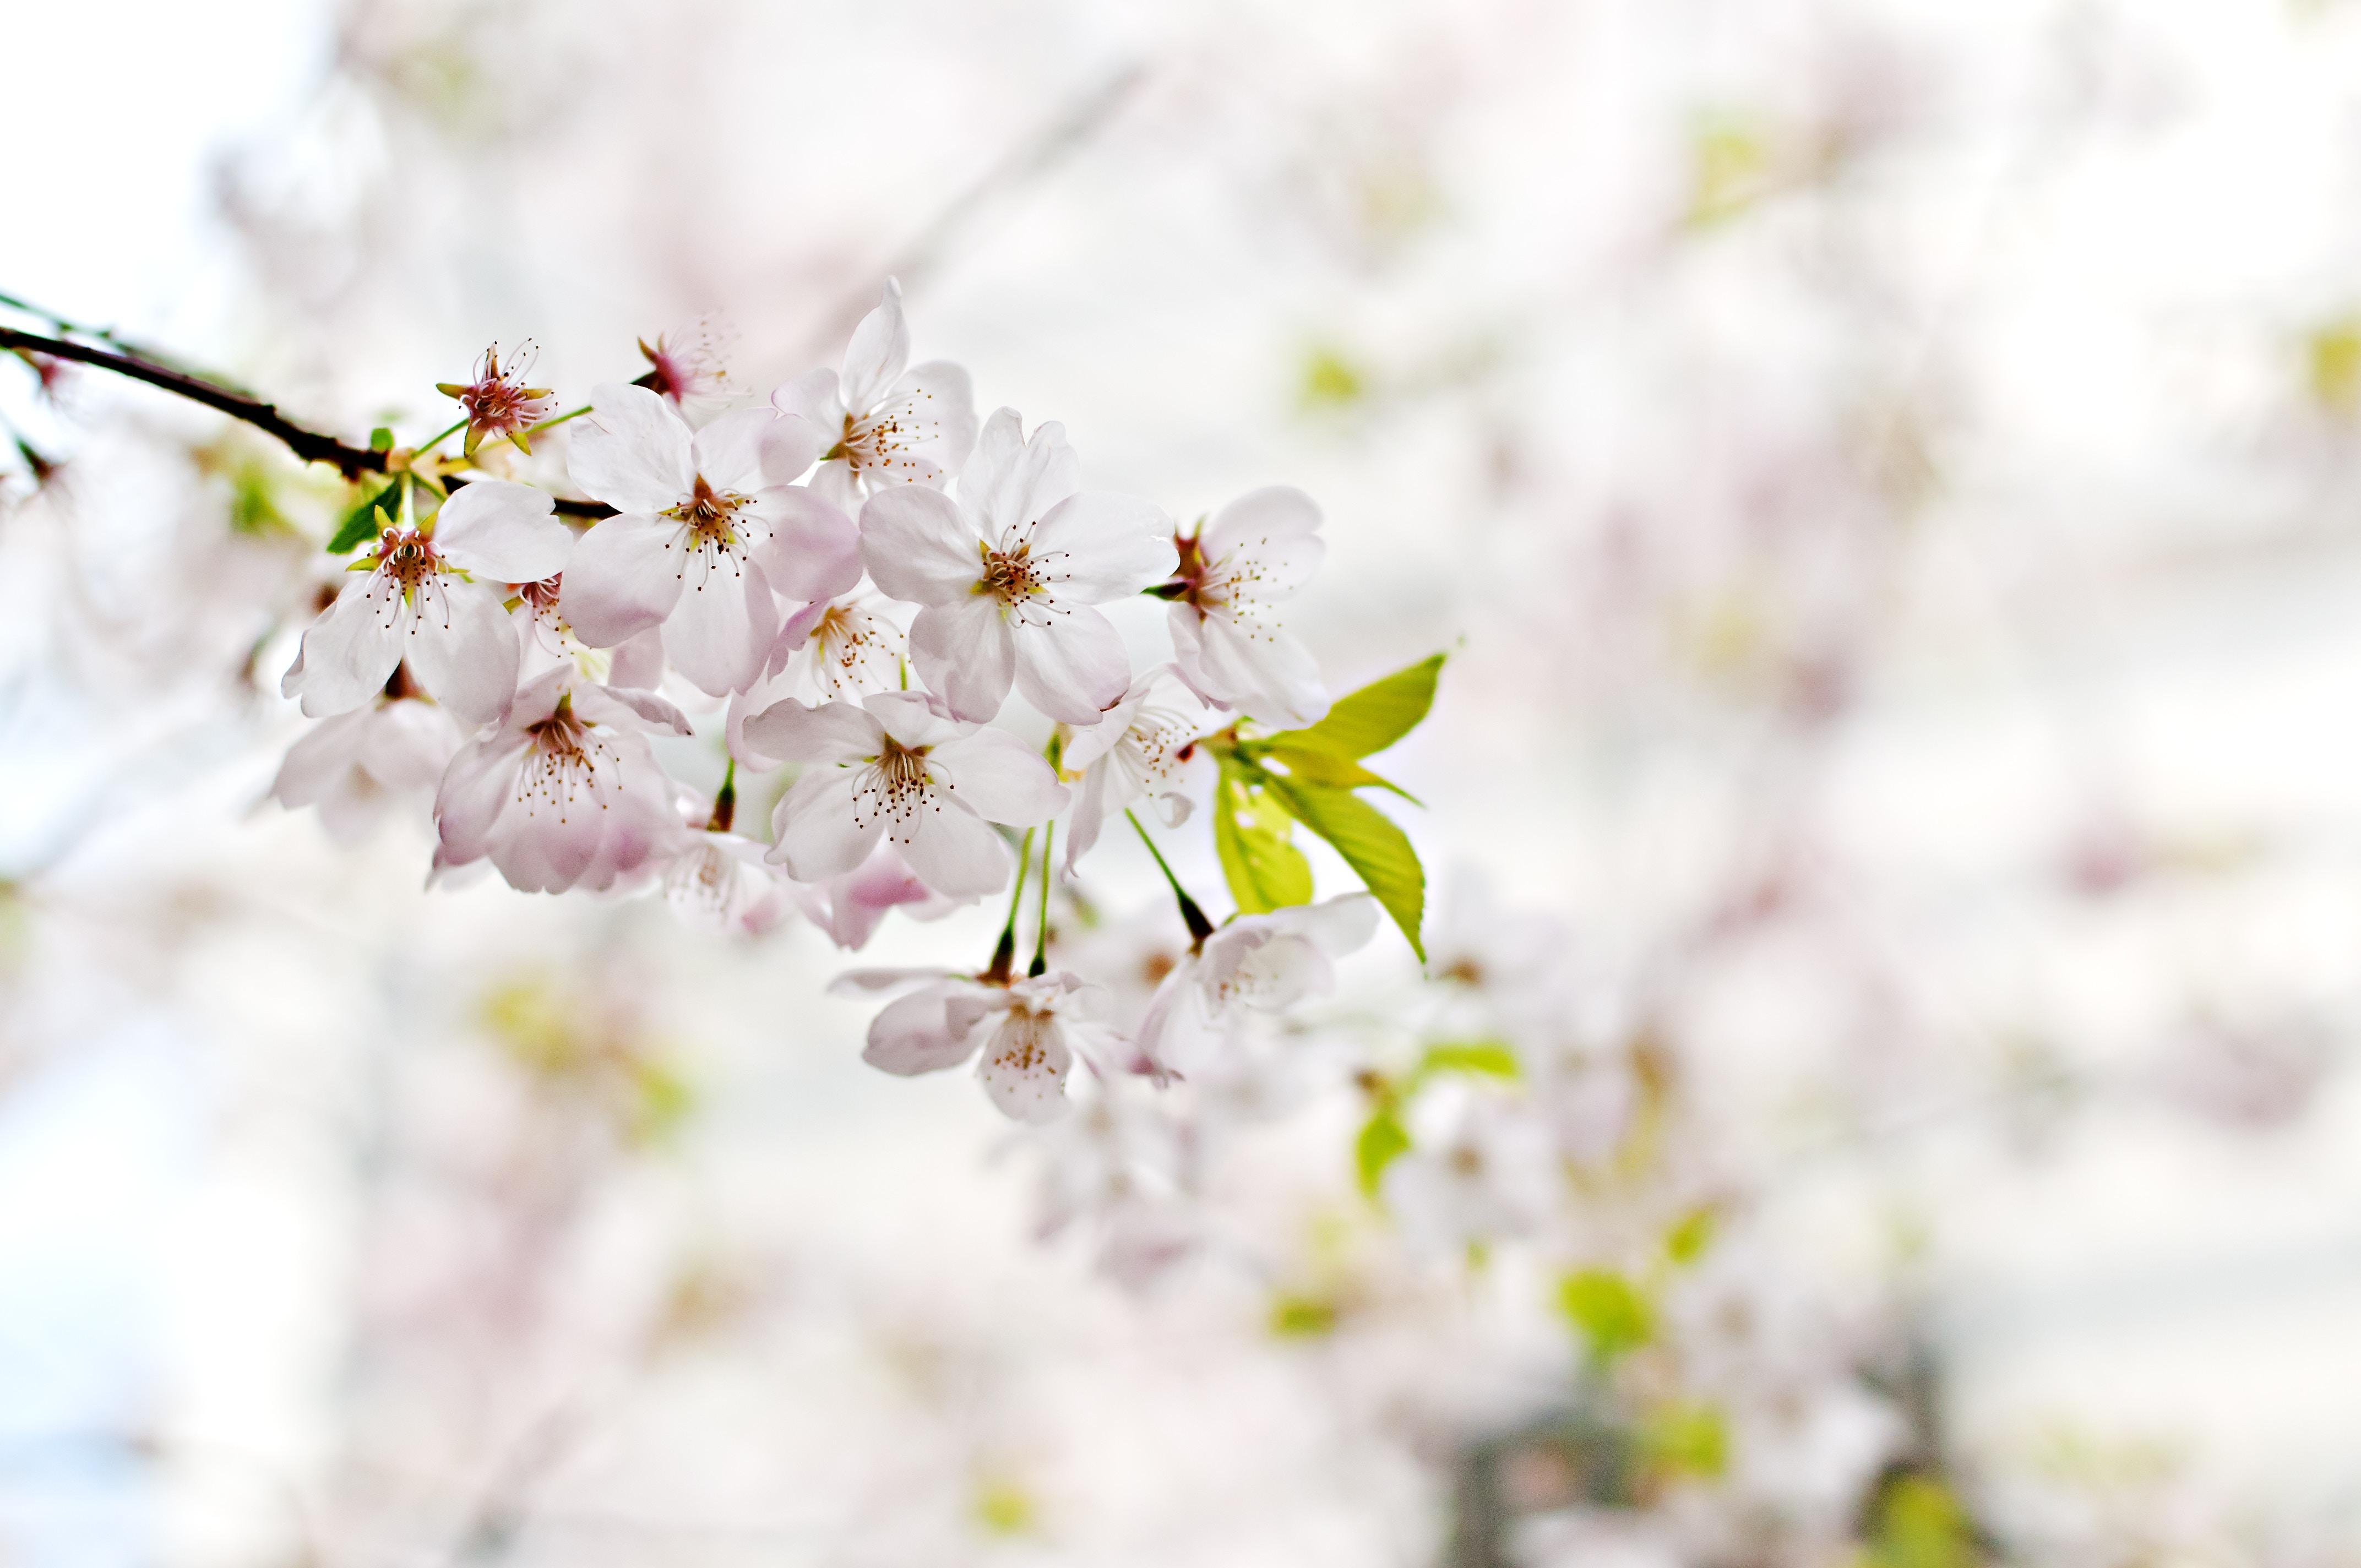 Os aromas influenciam as emoções?